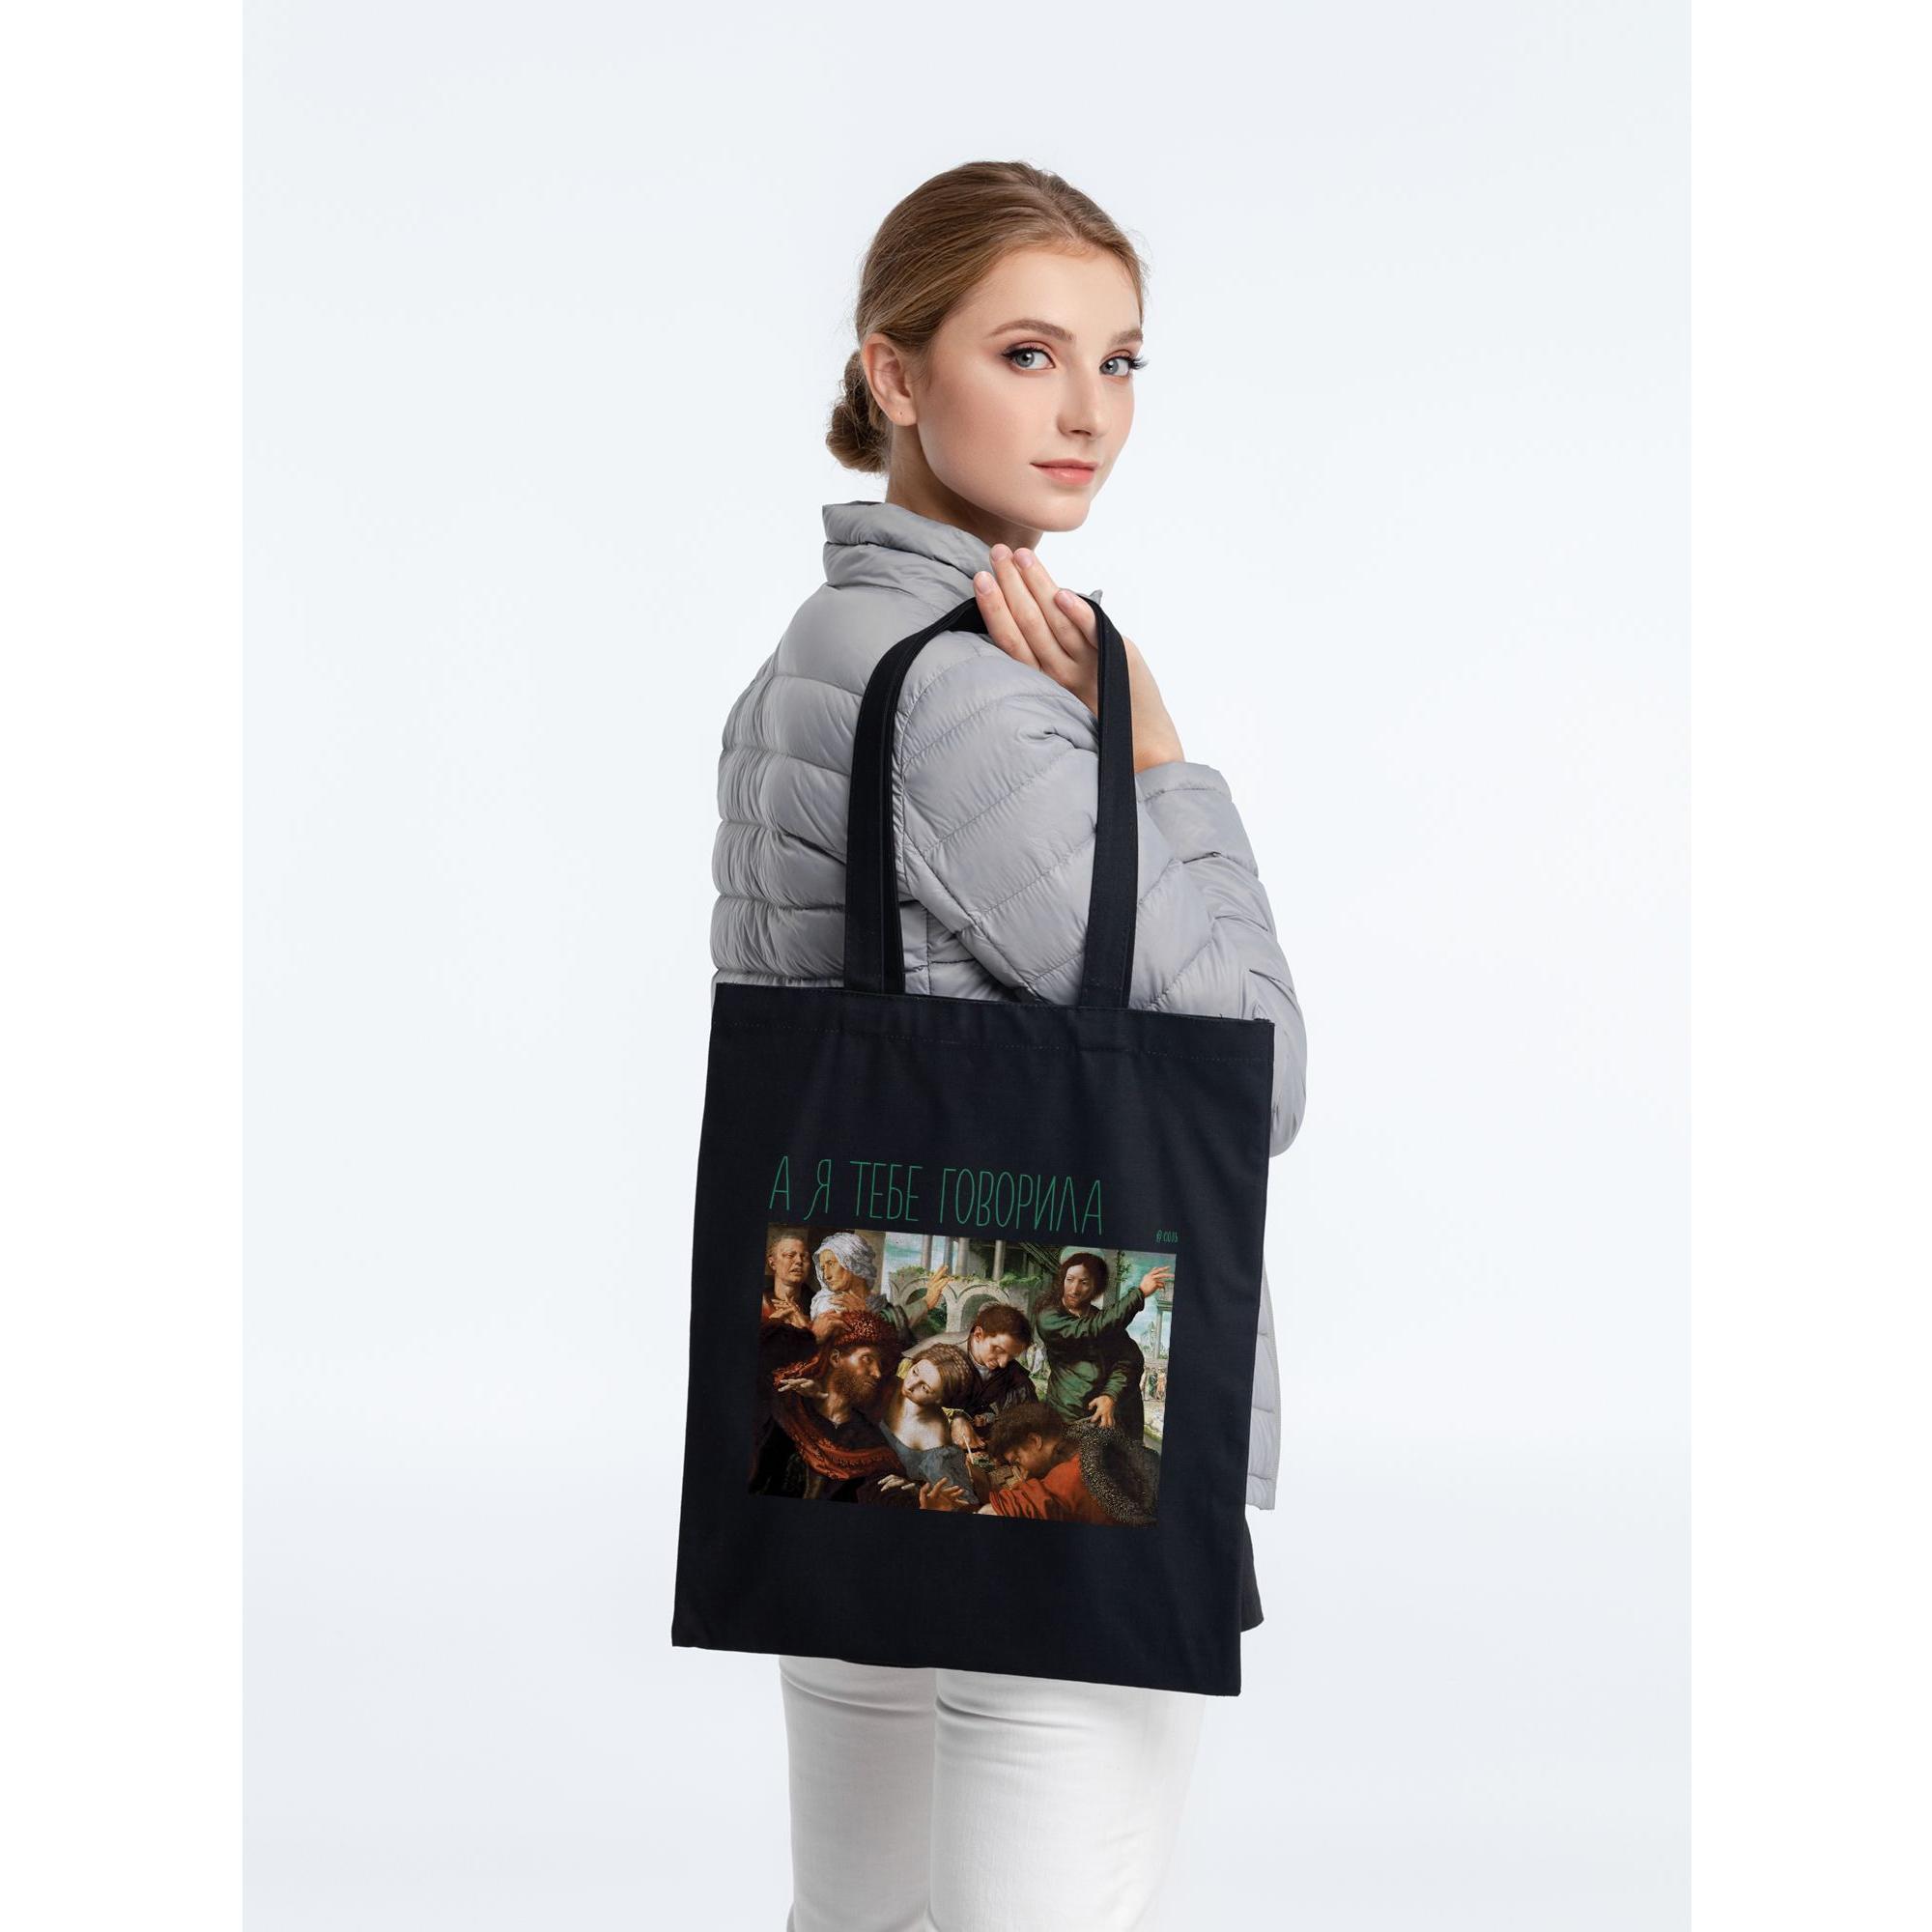 Холщовая сумка «А я тебе говорила», черная фото 0